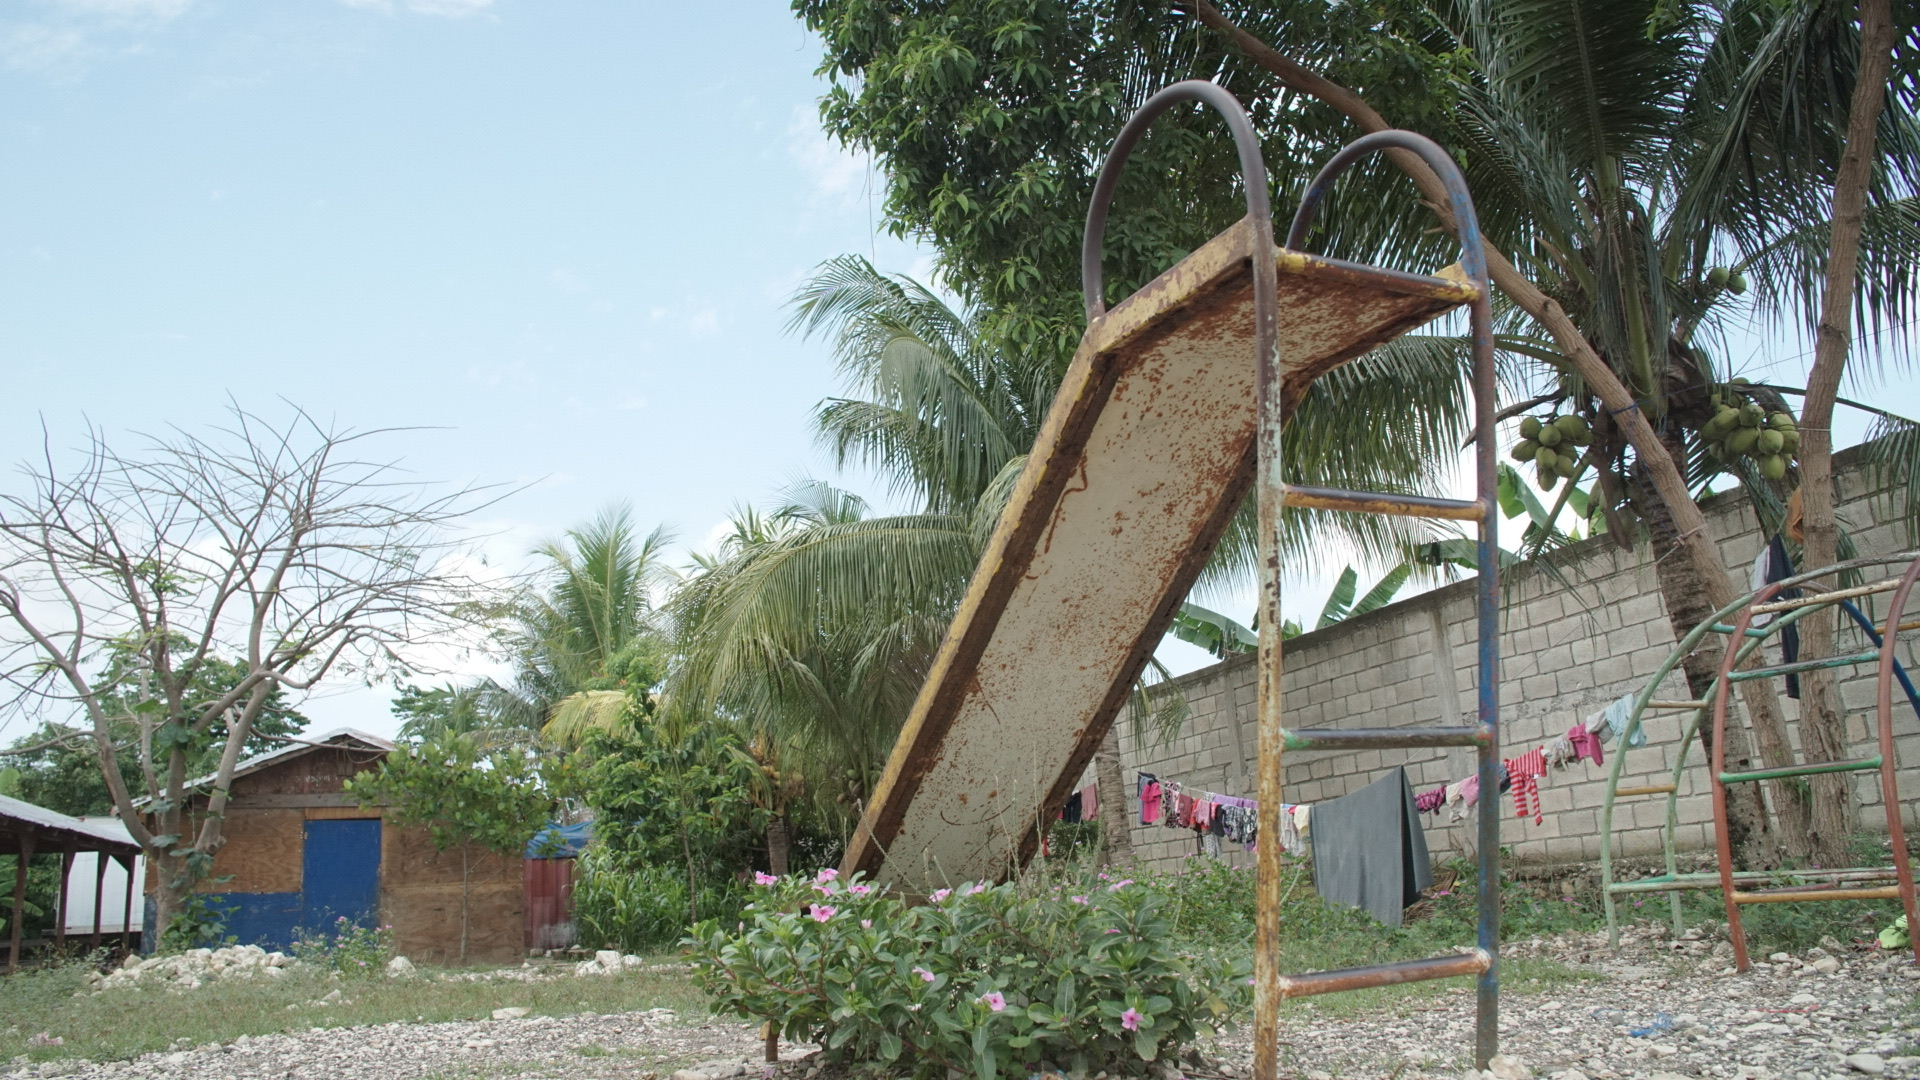 Haiti Orphanage Playground